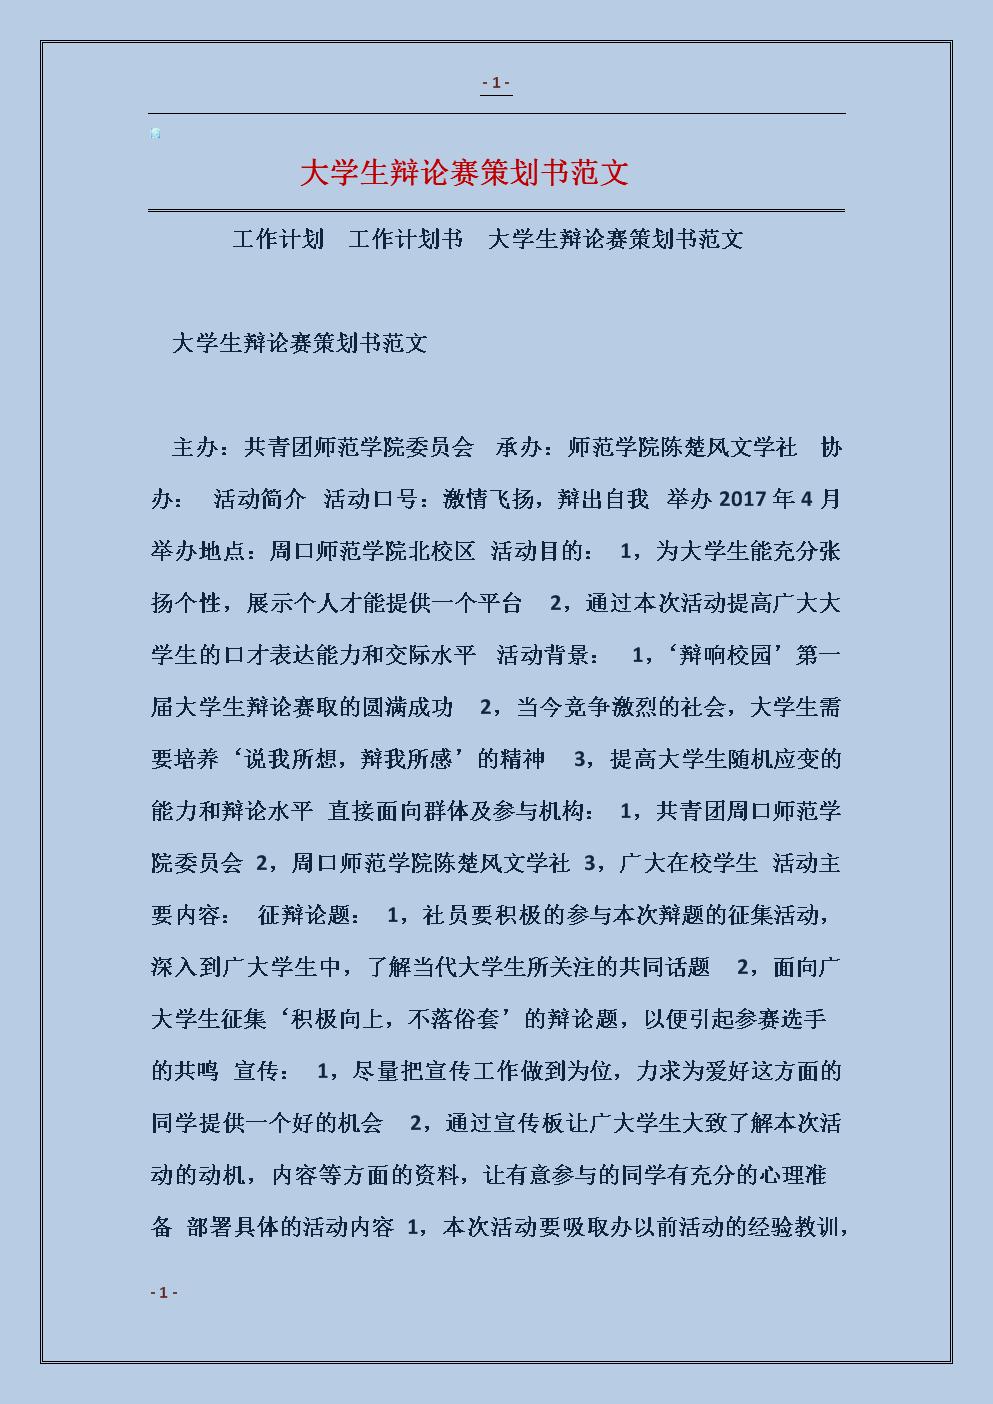 中学生写事的作文600字作文大全_最新实用中学生话题作文:素材大全_中国中学生论辩作文大全